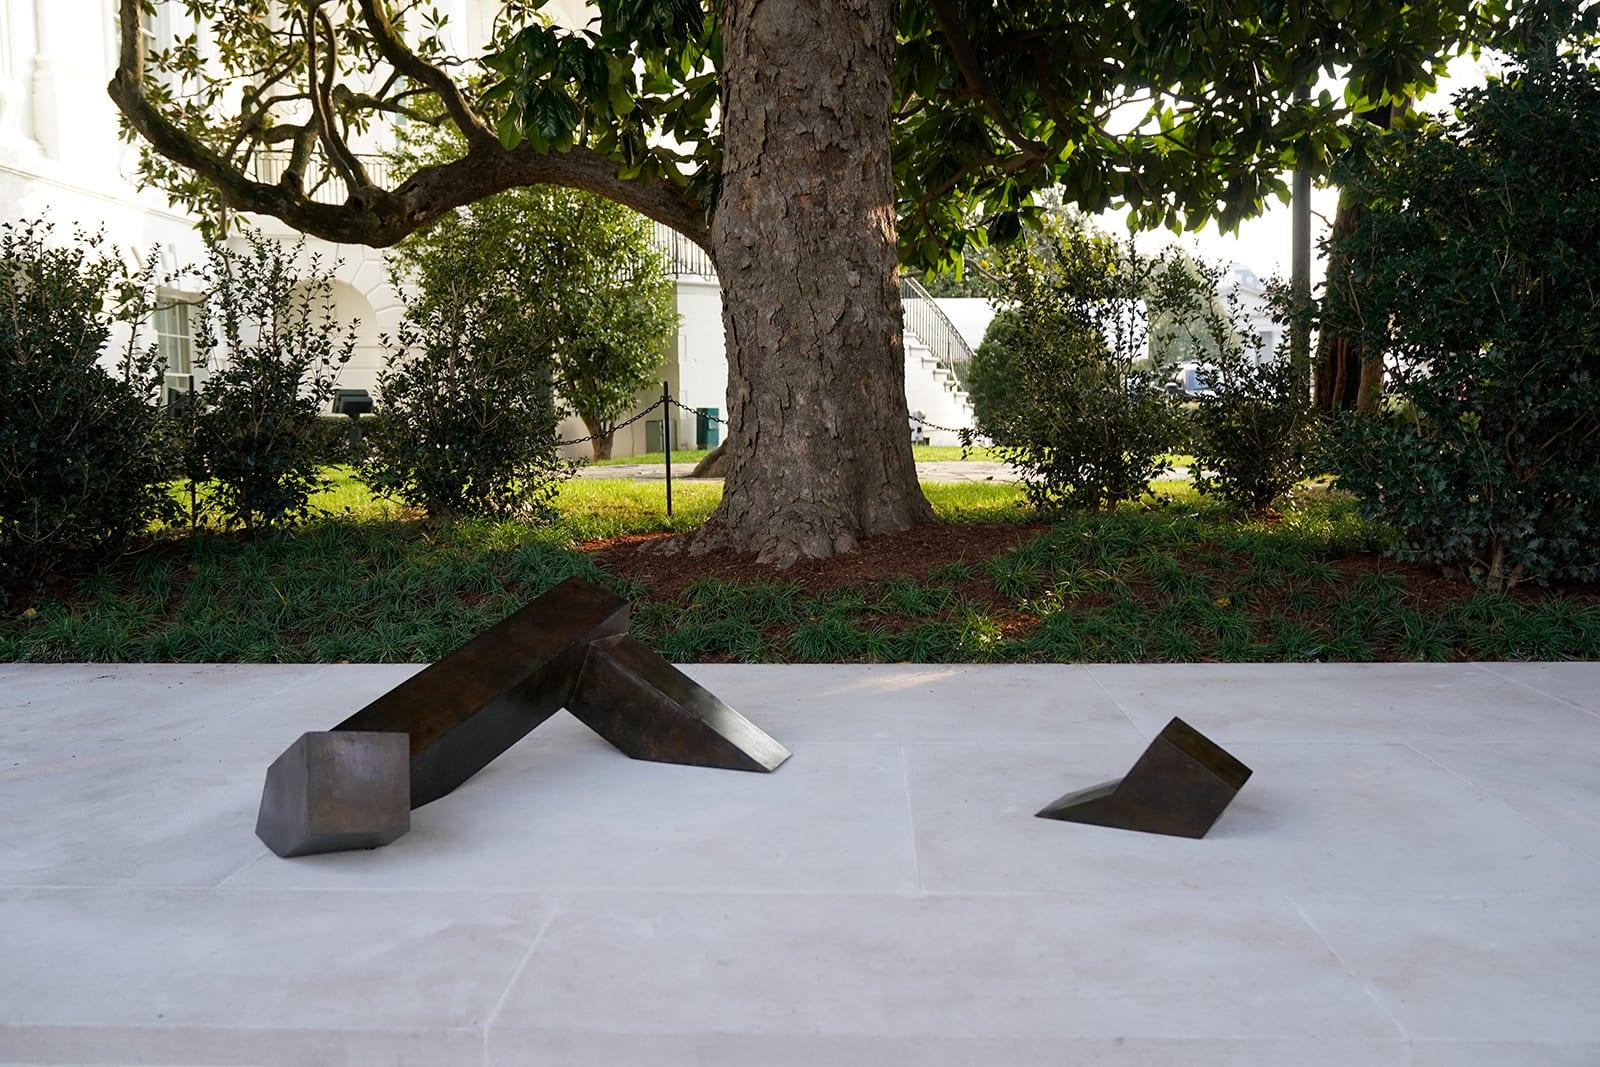 منحوتة إيسامو نوغوشي تصبح أول عمل فني في البيت الأبيض لفنان أمريكي من أصول آسيوية